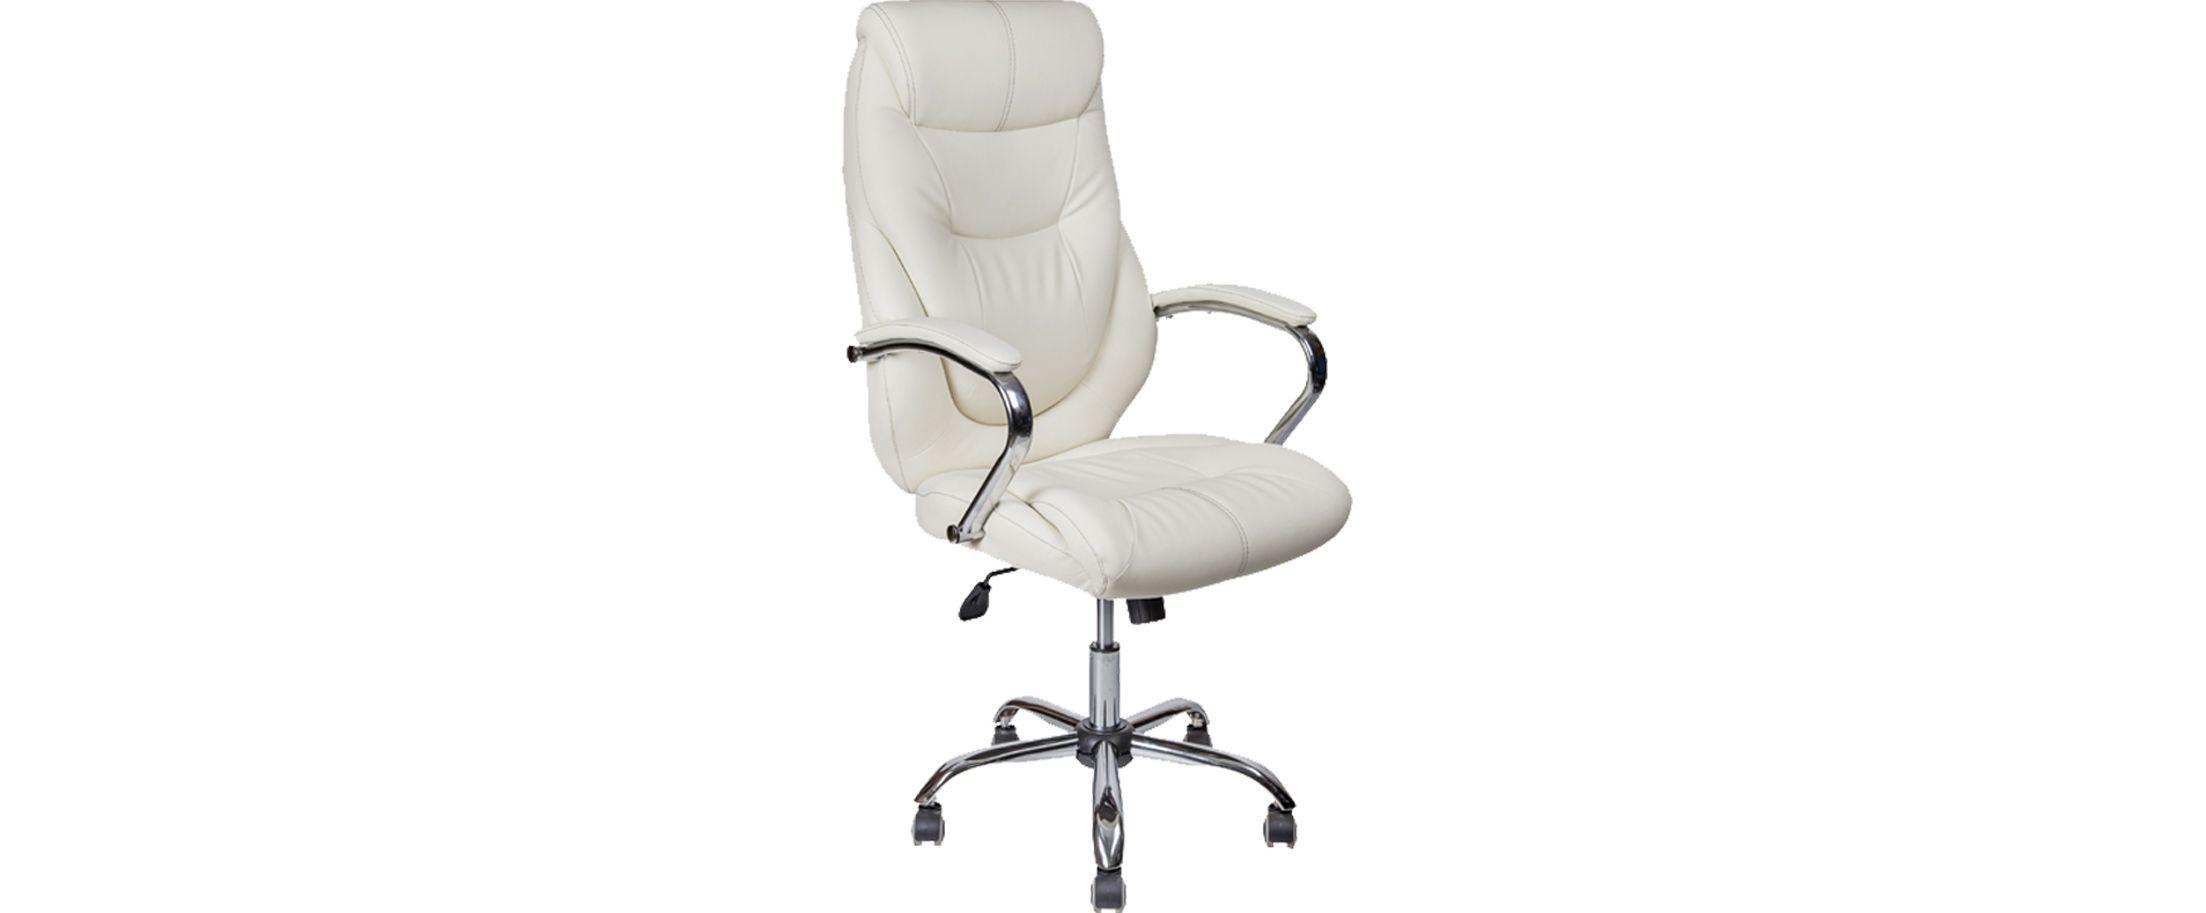 Кресло офисное AV 116 из экокожи цвет белый Модель 999Кресло офисное AV 116 из экокожи цвет белый Модель 999. Артикул Д000689<br>